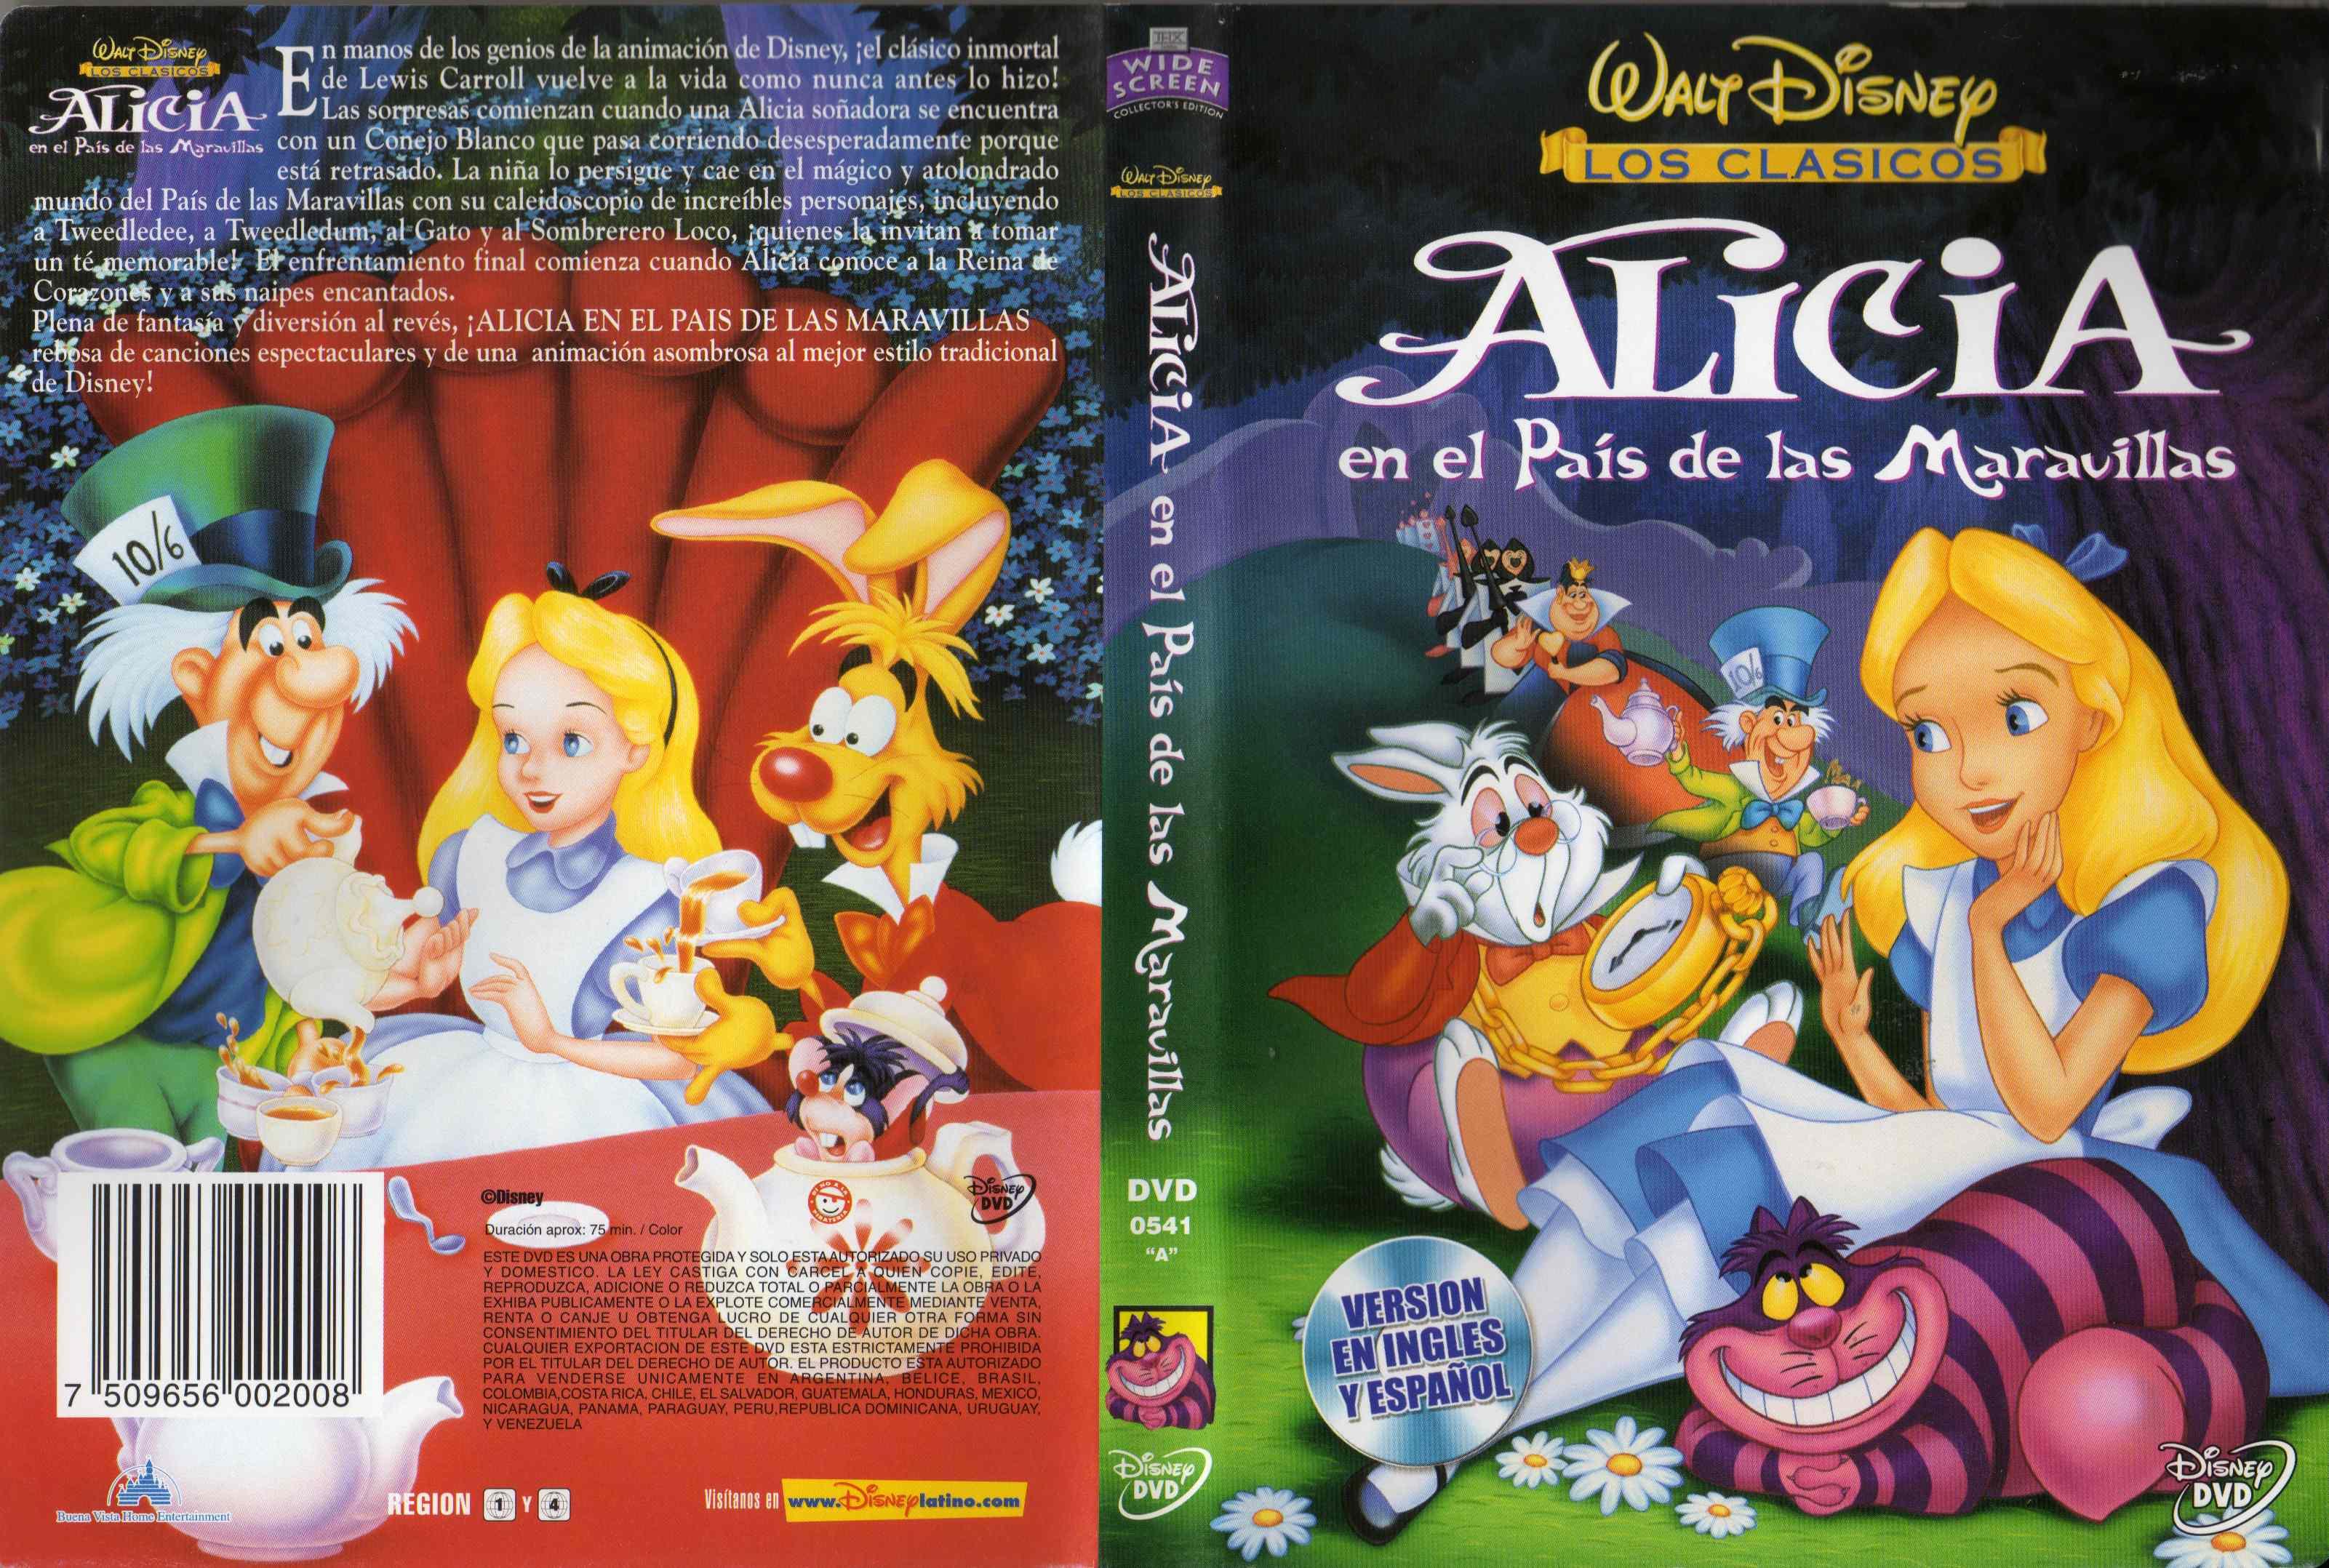 Alicia en el pais de las maravillas - 5 8